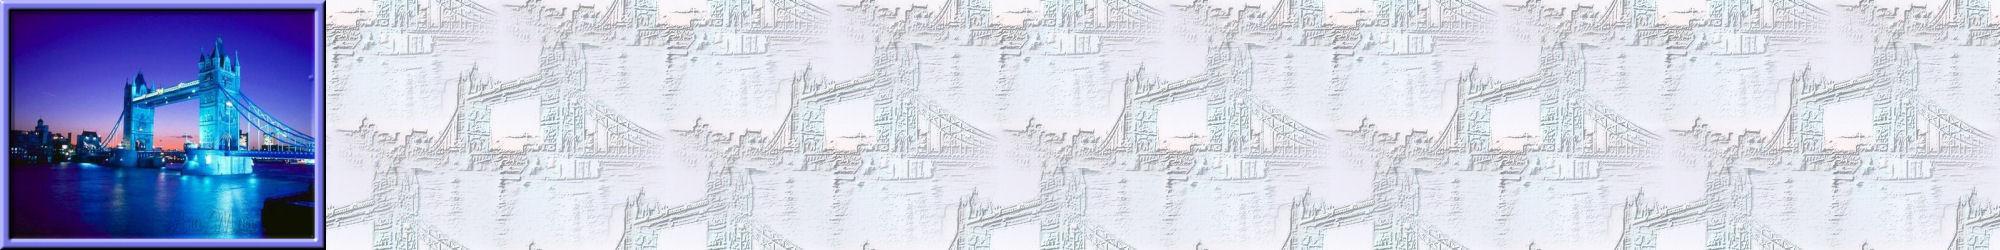 Fondo IM ciudades_londres_001.imf